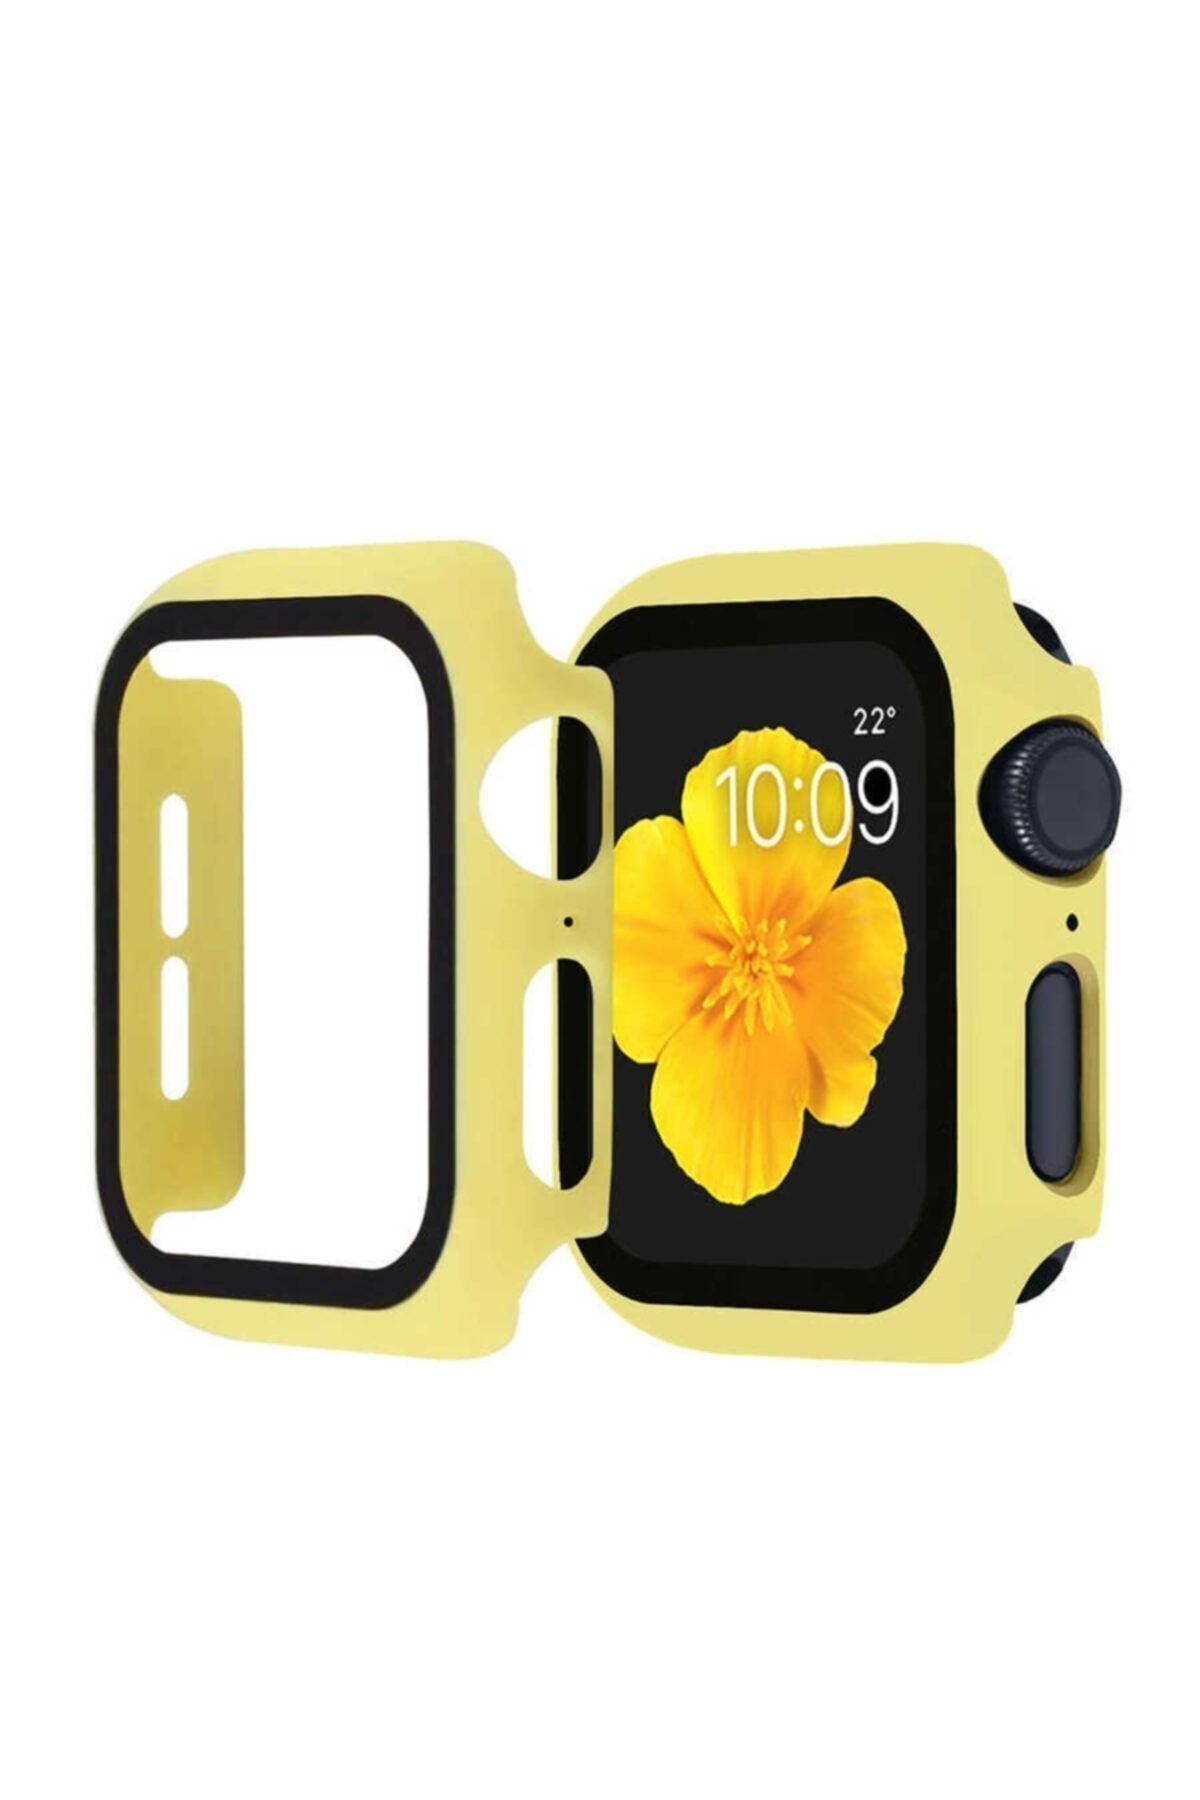 KVK PRİVACY Apple Watch Sarı Silikon Uyumlu Kılıf 42mm 1